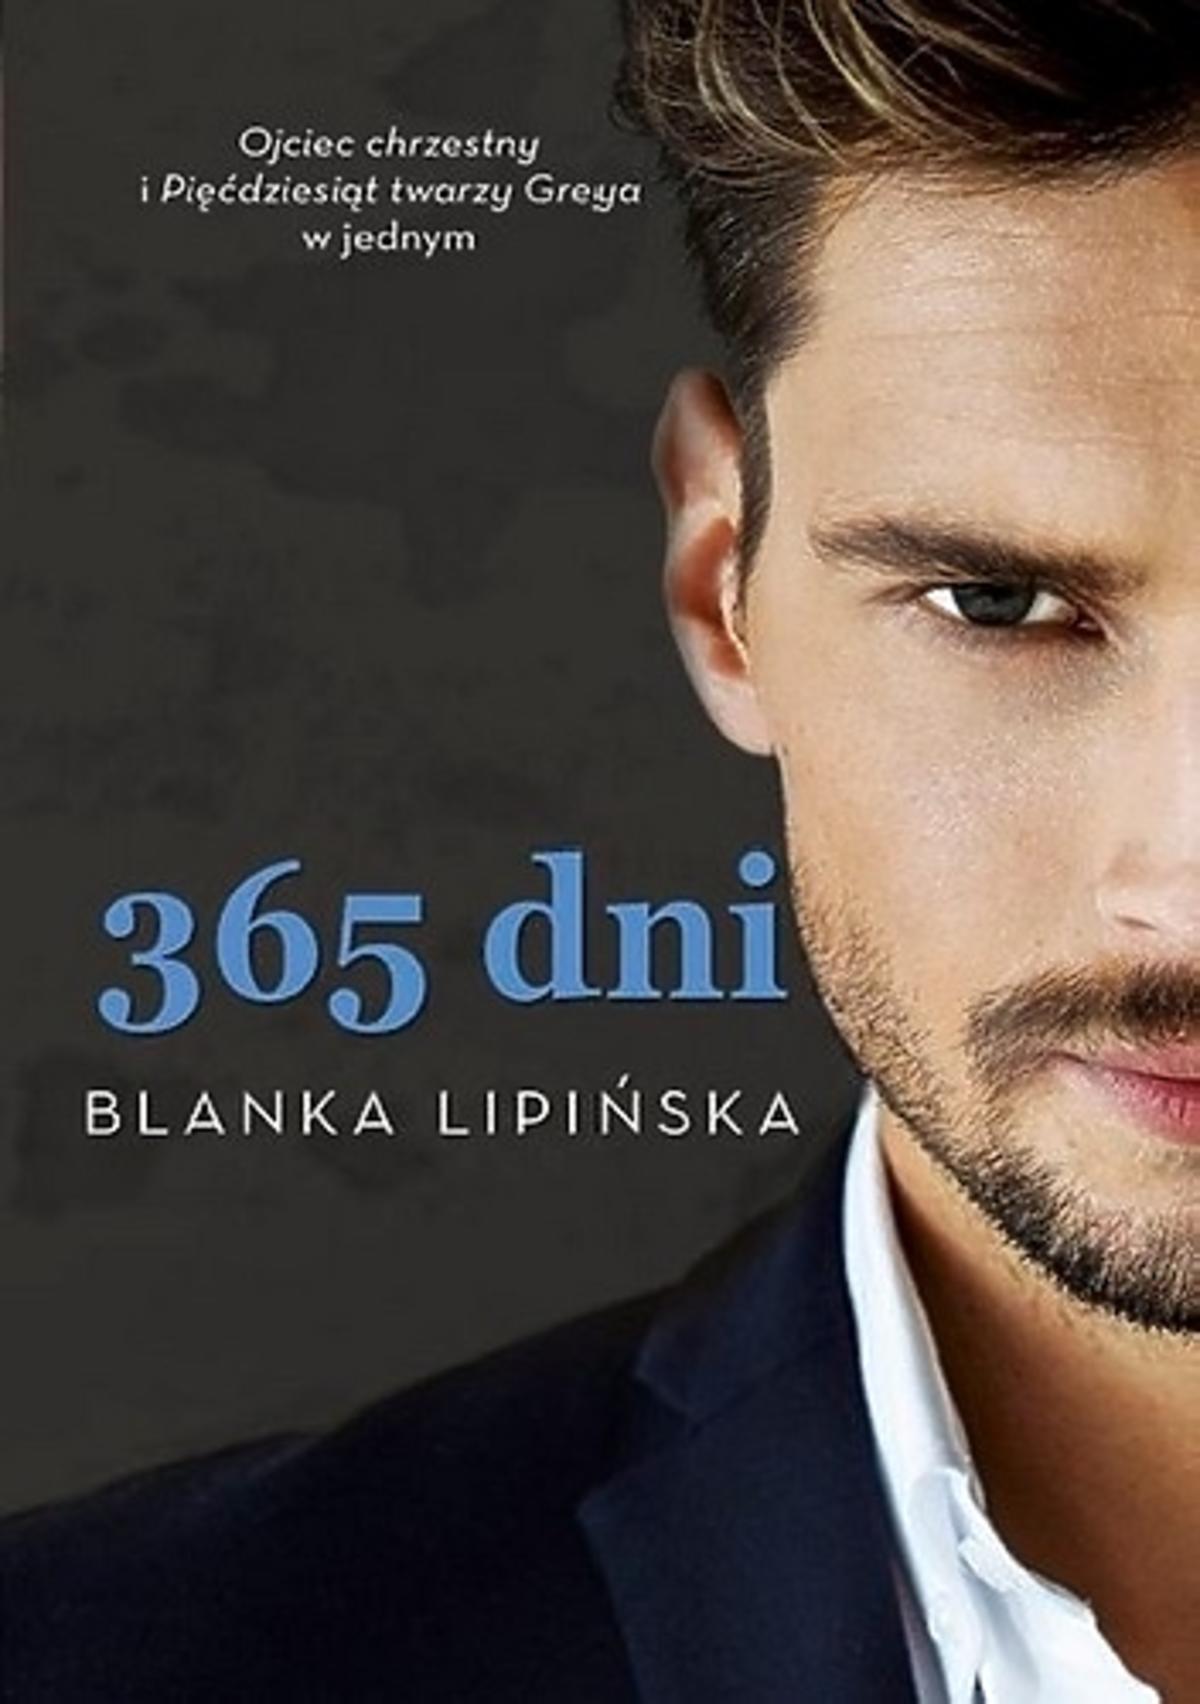 365 dni, Blanka Lipińska